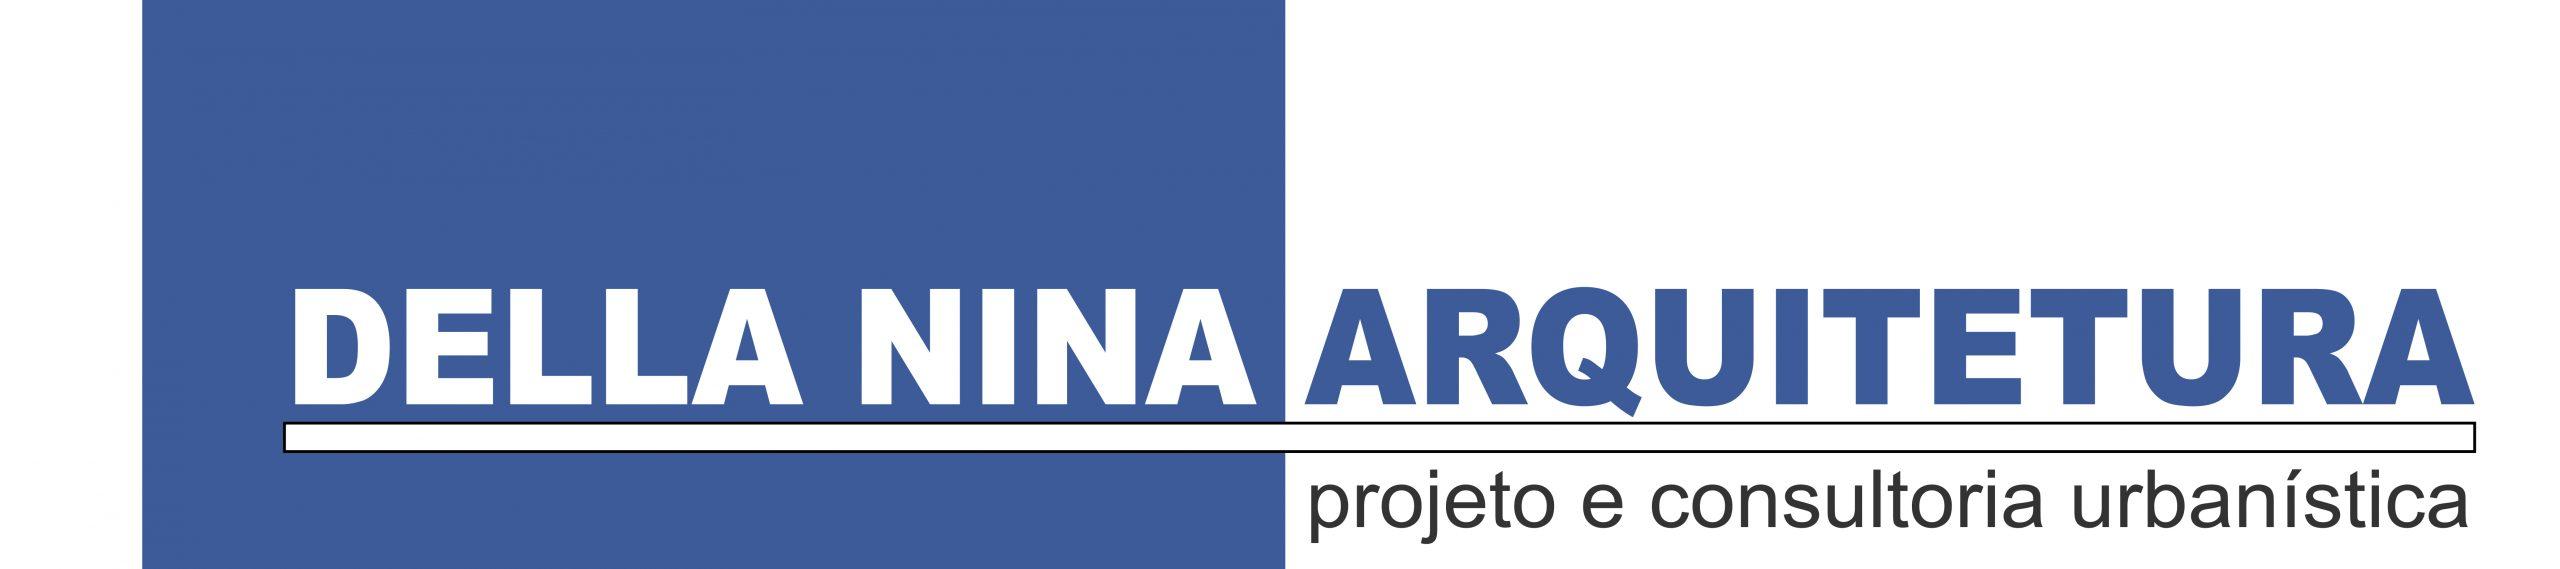 Della Nina Arquitetura - Projeto e Consultoria Urbanística